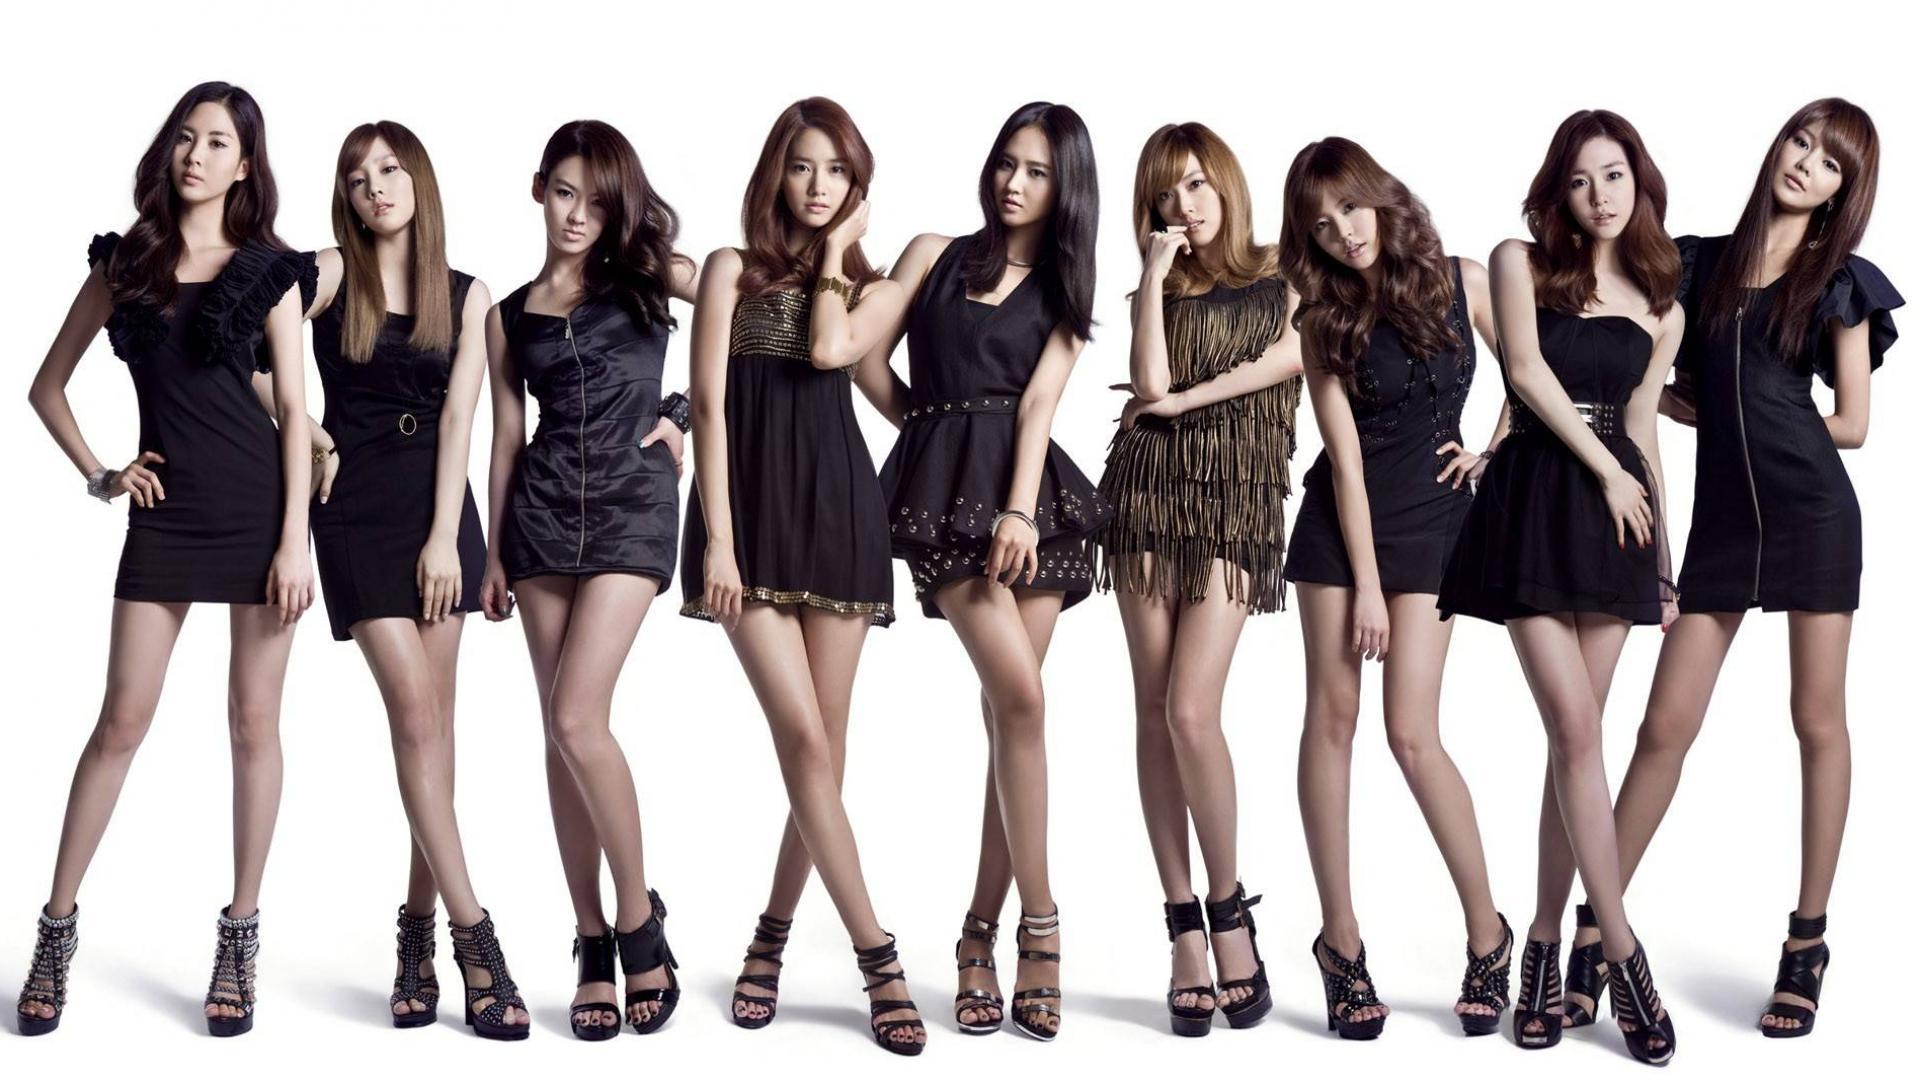 Азиатские размеры женской одежды - выбираем свой